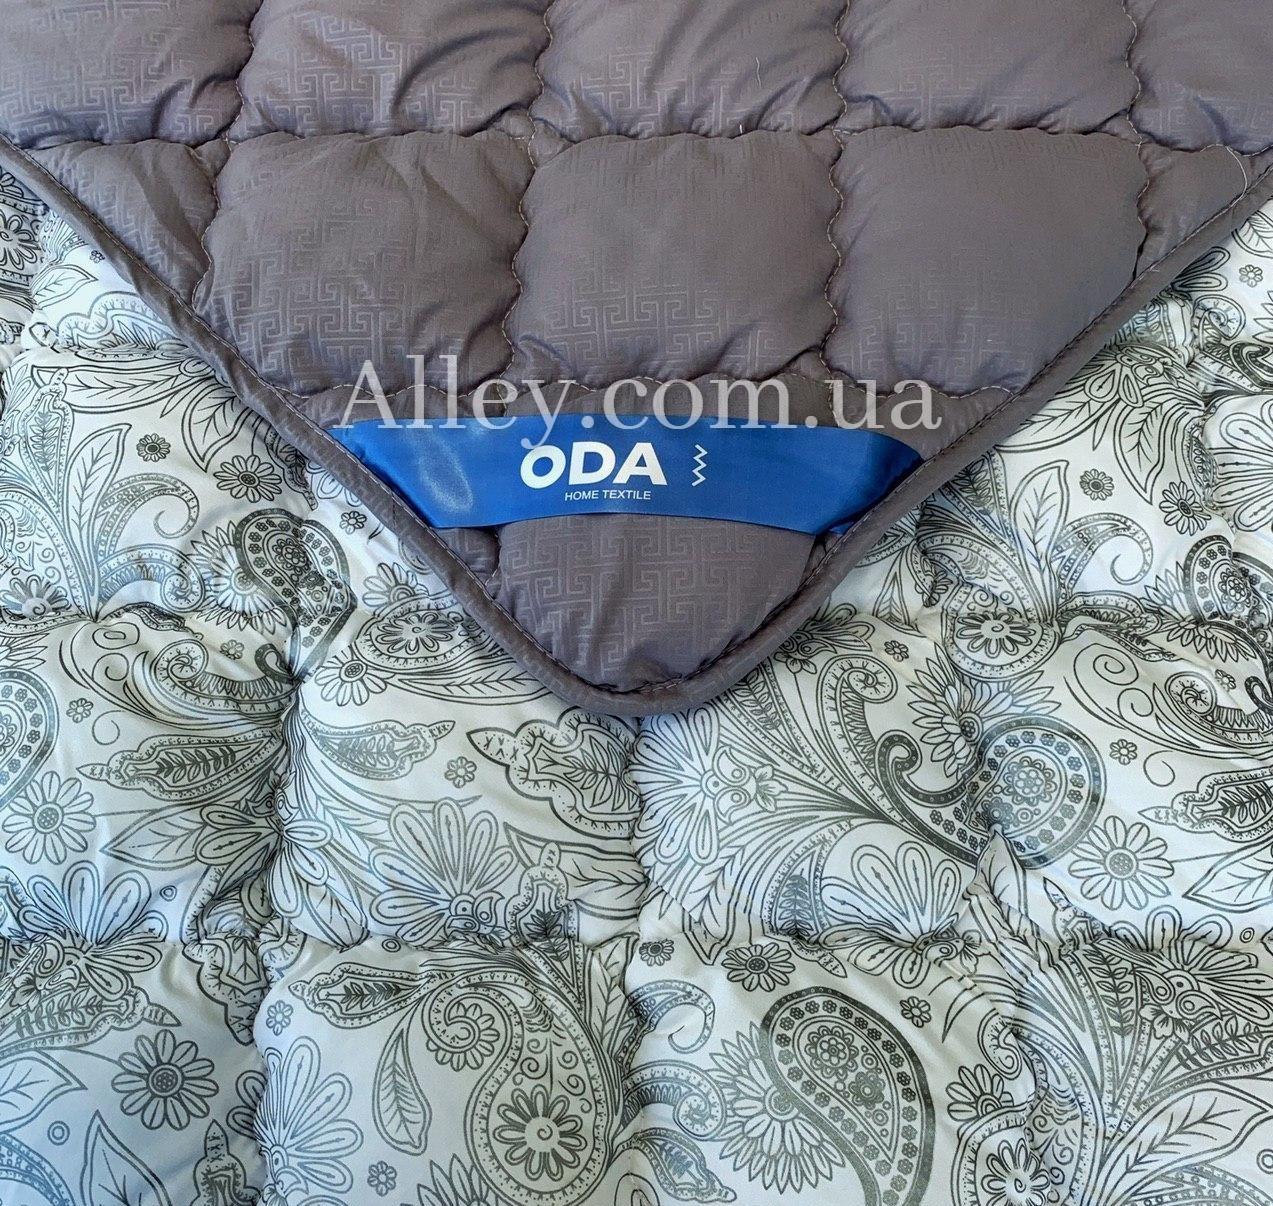 Одеяло евро ОДА 200х220 см. | Антиаллергенное волокно Холлофайбер | Одеяло стёганное теплое ODA